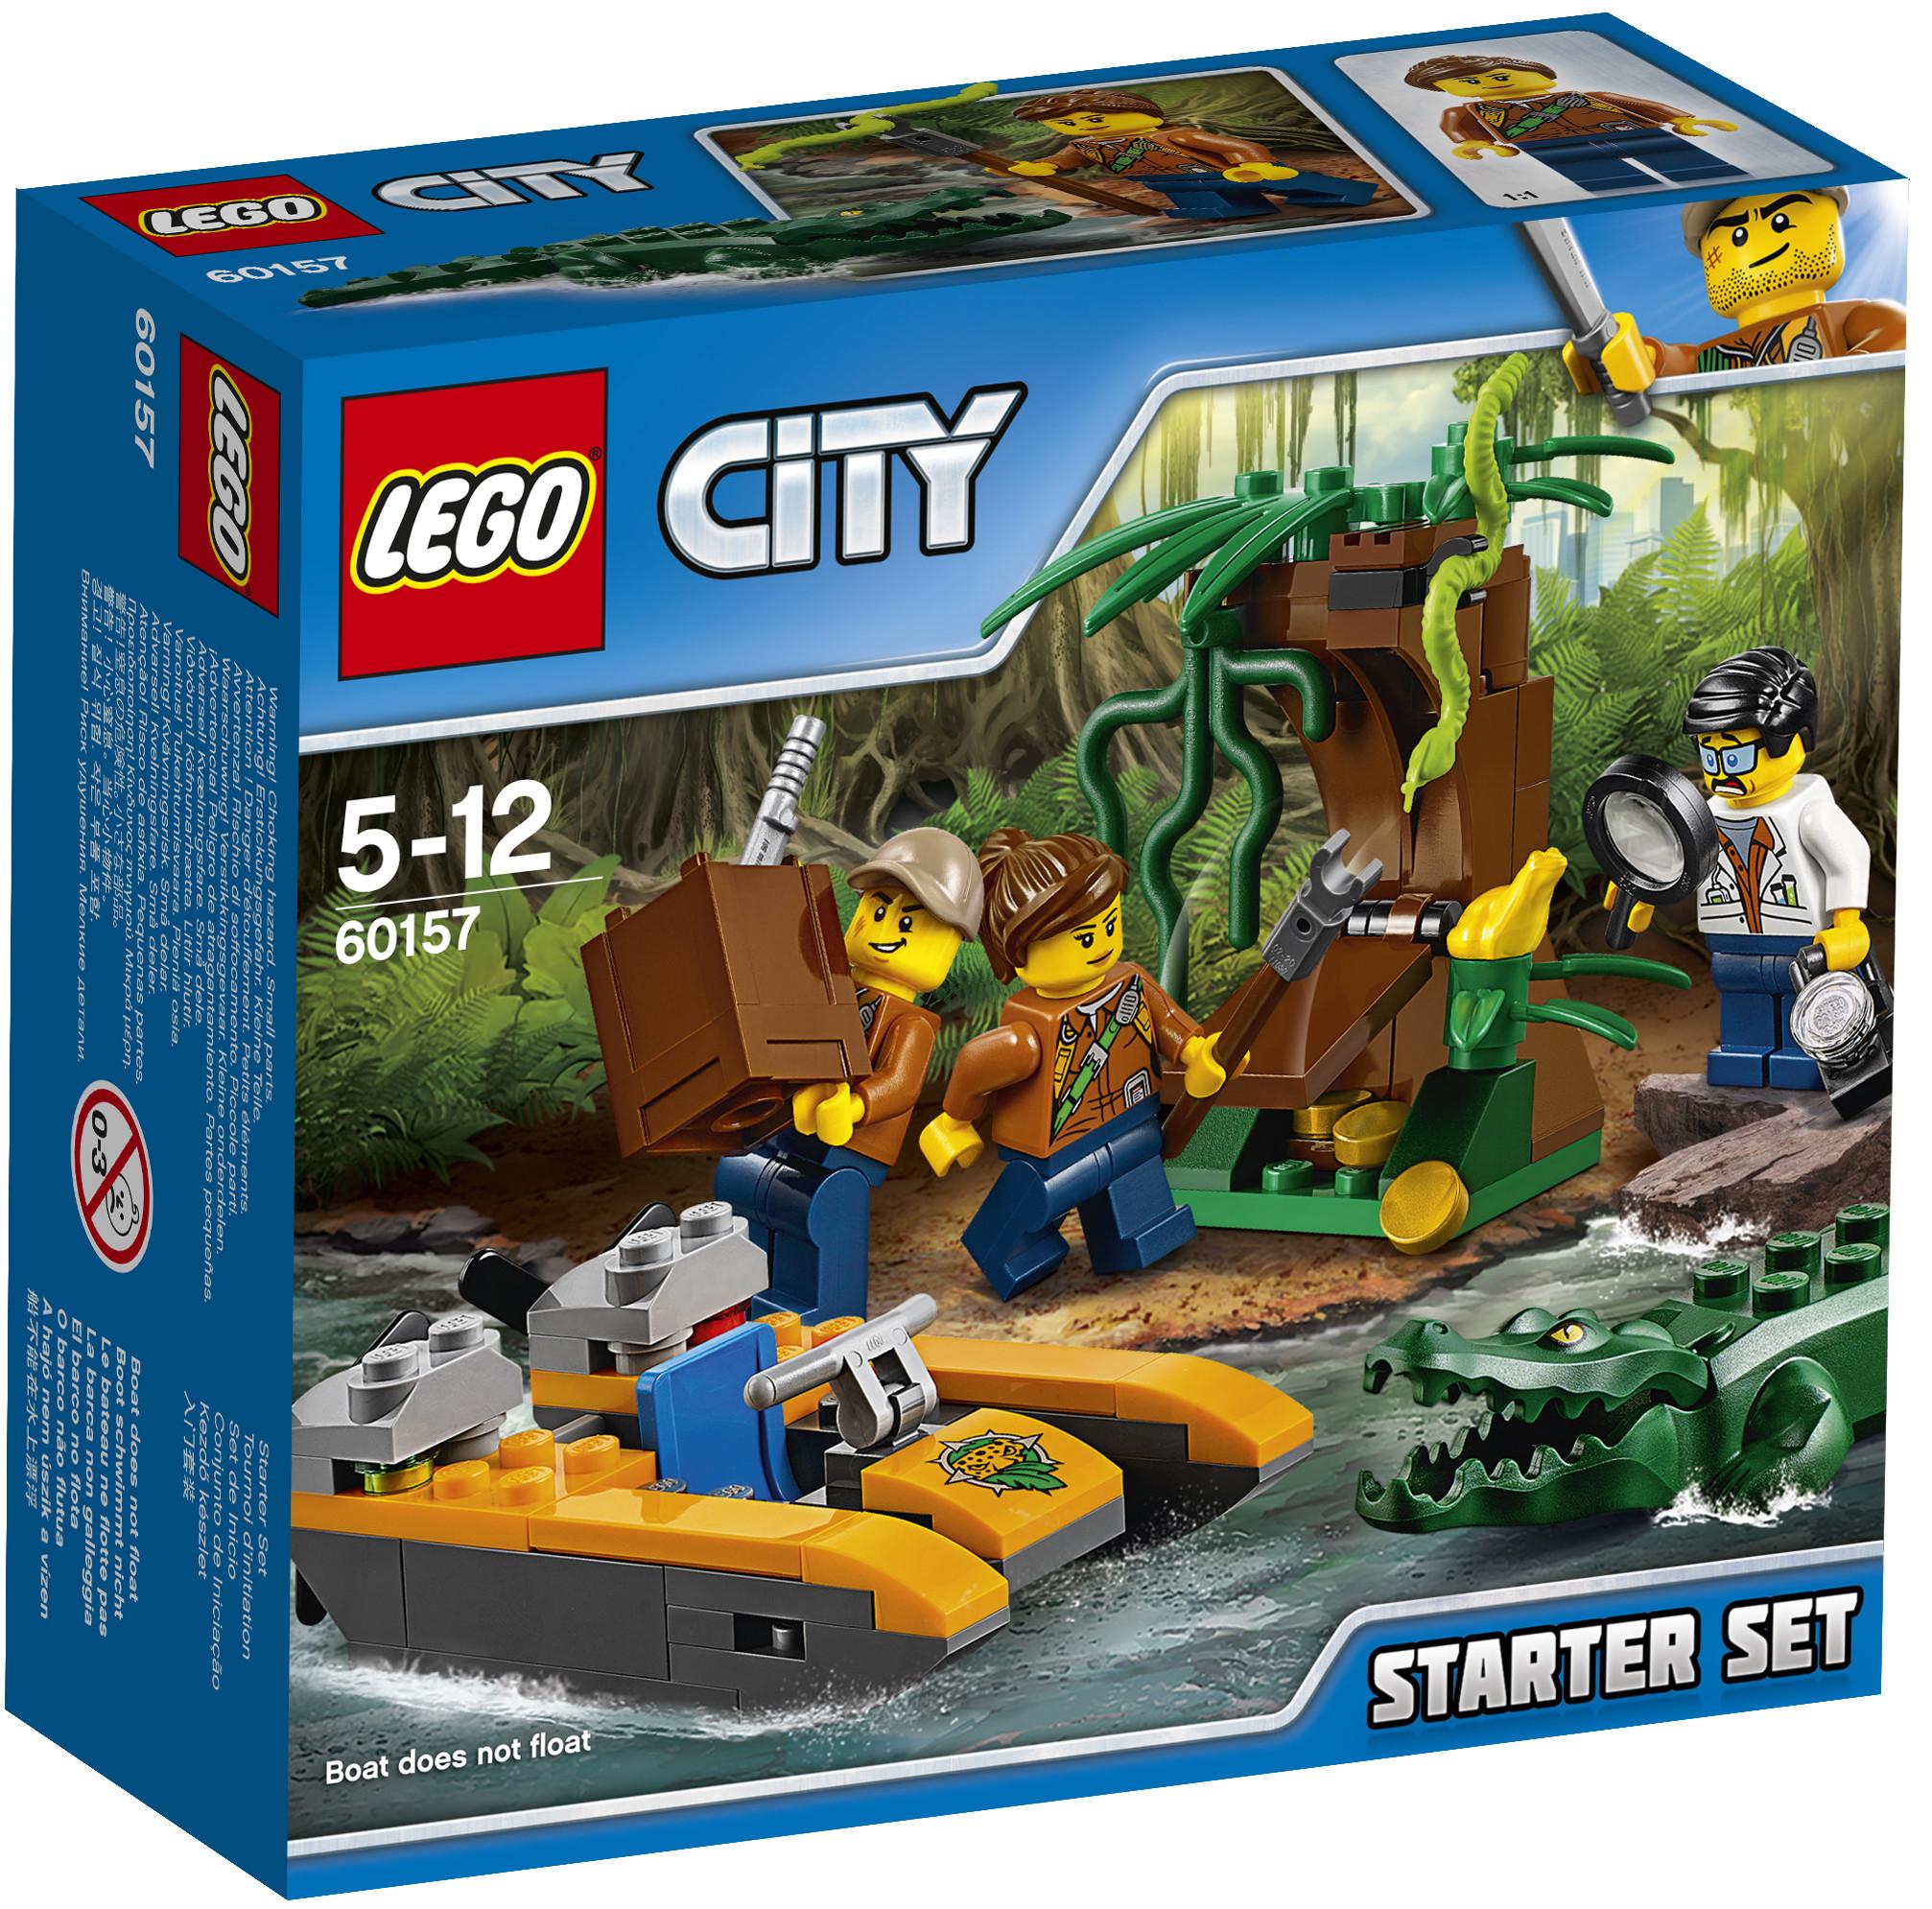 LEGO LEGO Конструктор LEGO City Jungle Explorer 60157 Набор «Джунгли» для начинающих конструктор lego city jungle explorer 60157 набор джунгли для начинающих